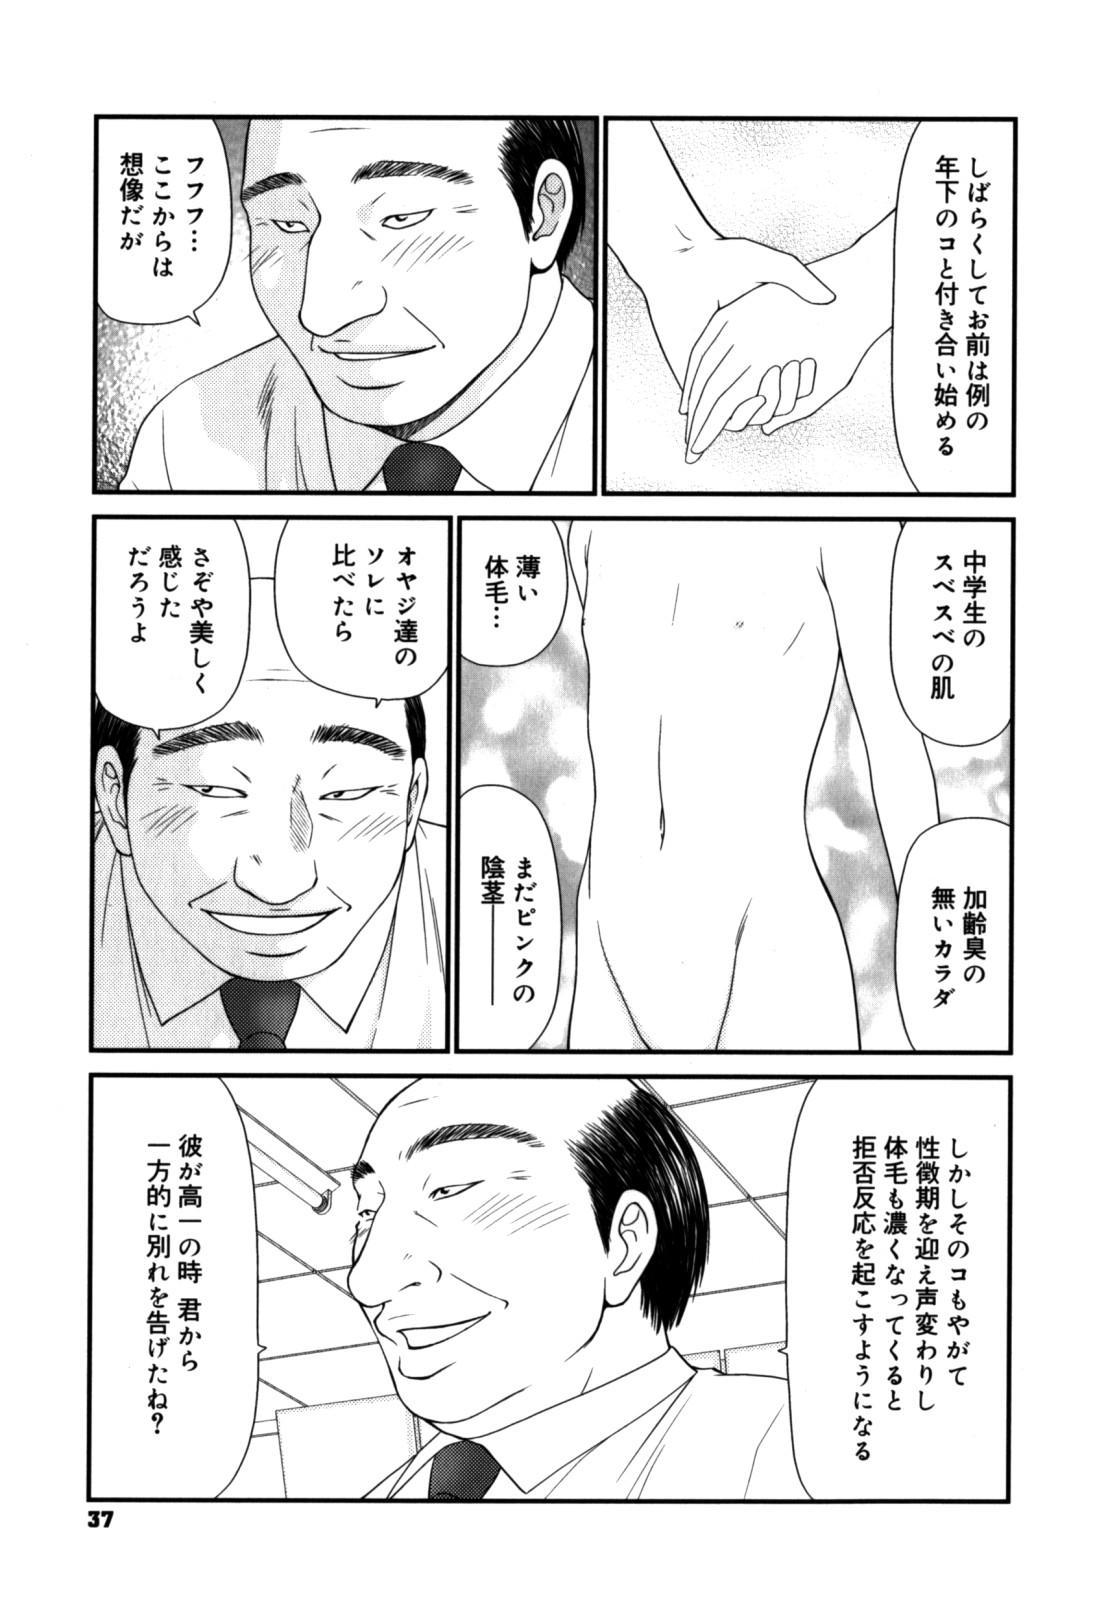 Gakuen no Mushikera 2 36